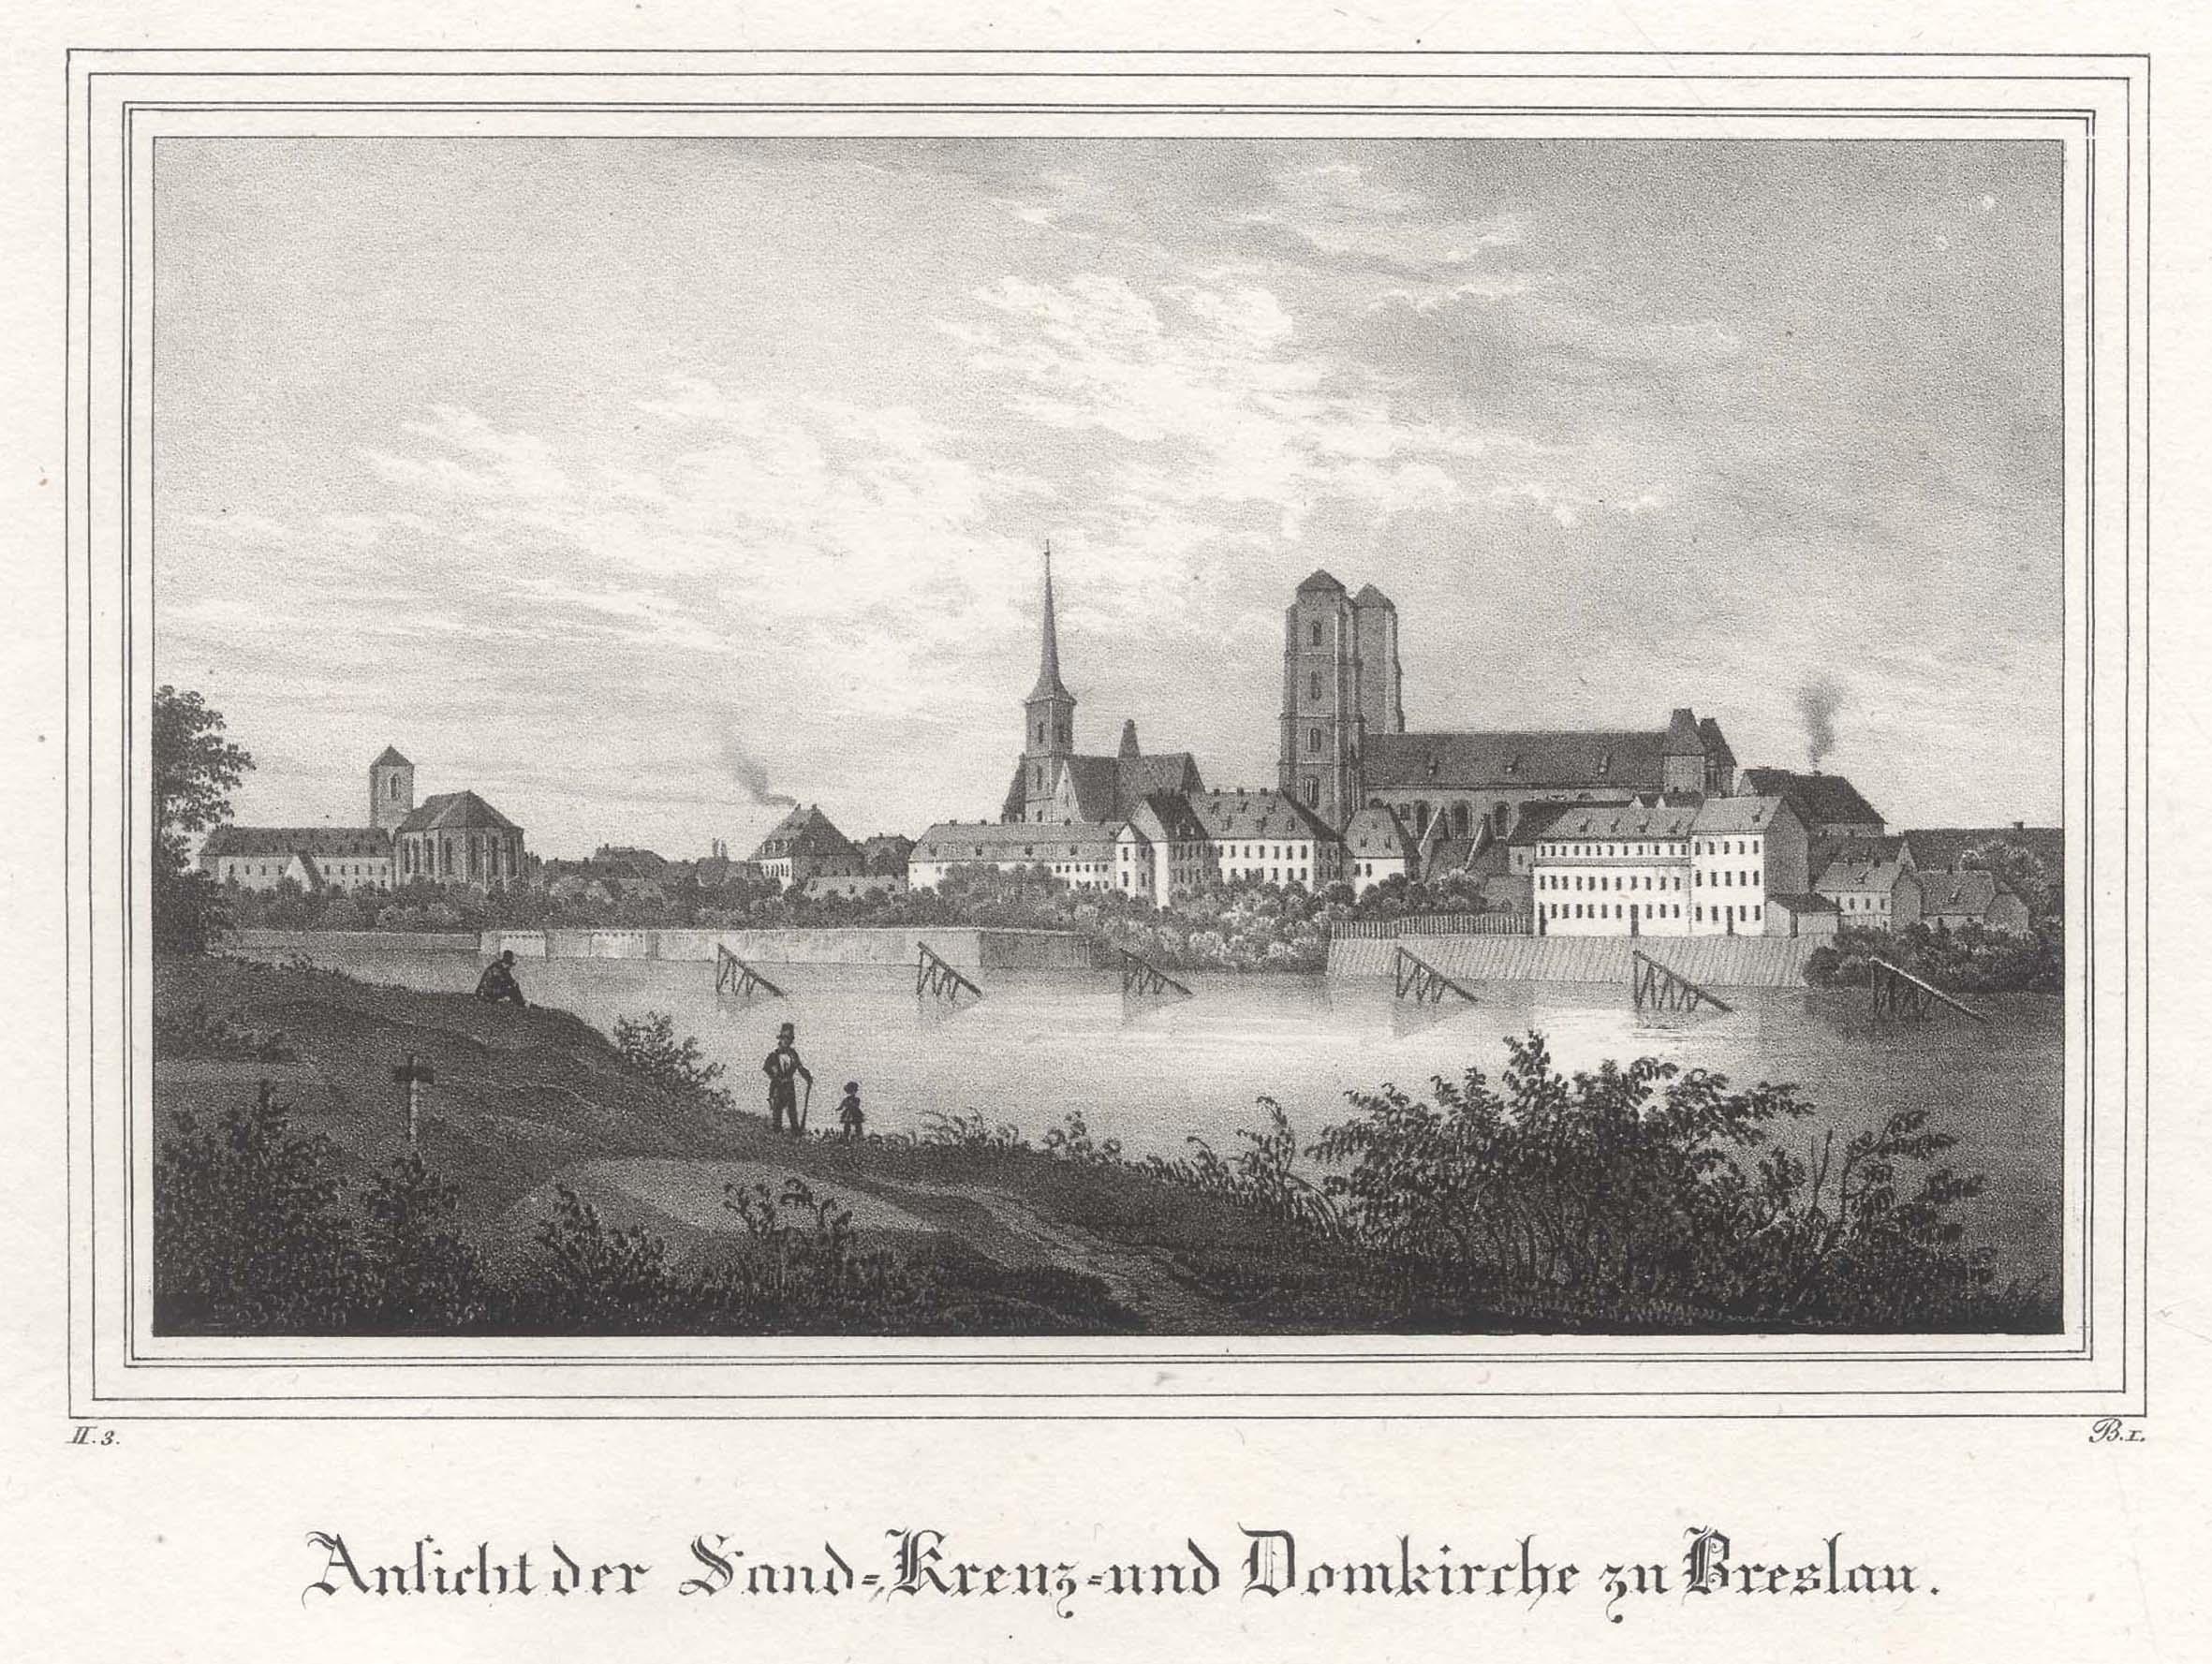 TA., Sandvorstadt, Ansicht m. Sand-, Kreuz- u.: Breslau ( Wroclaw